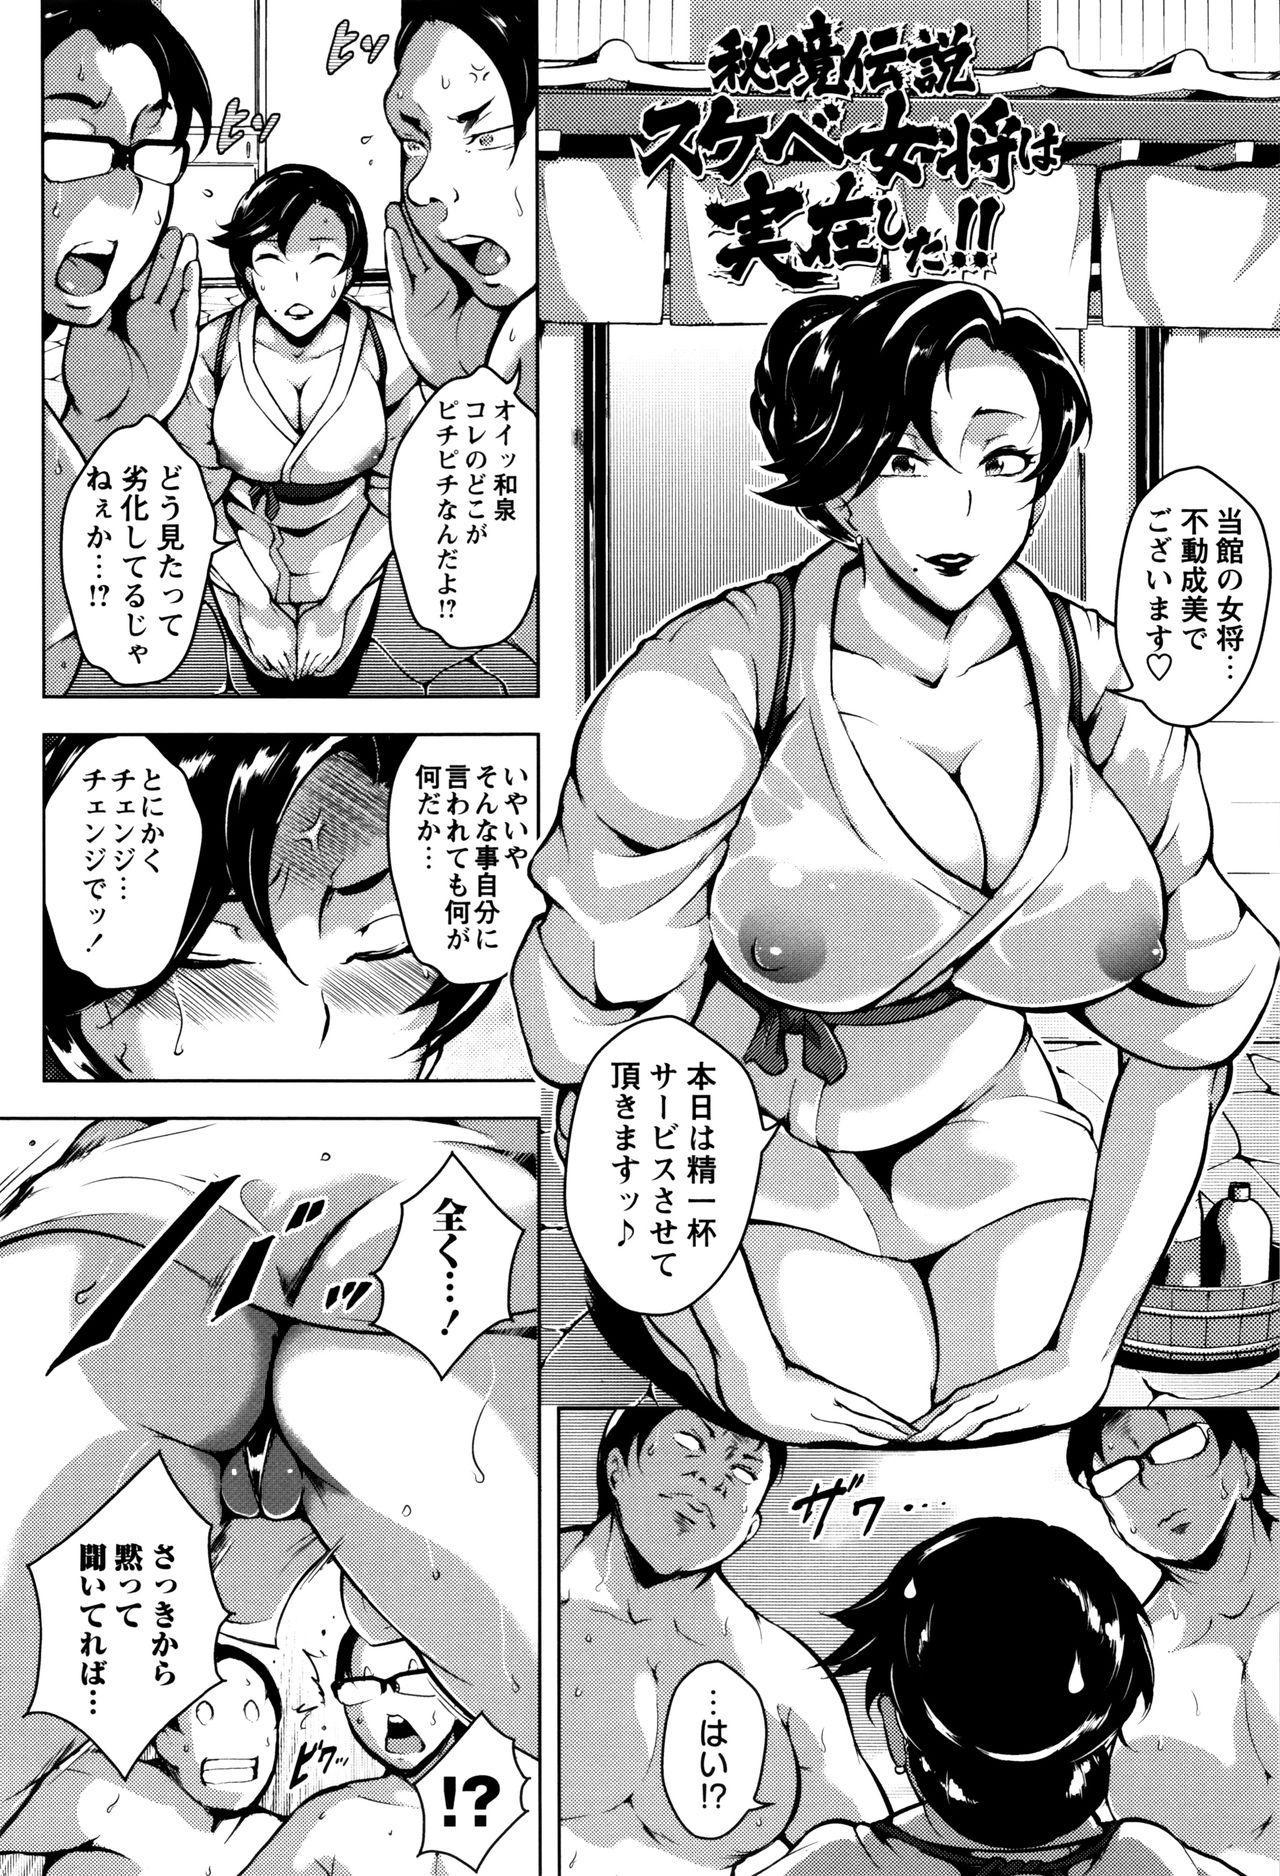 Ero BBA ♥ Dosukebe Ha Sengen 71